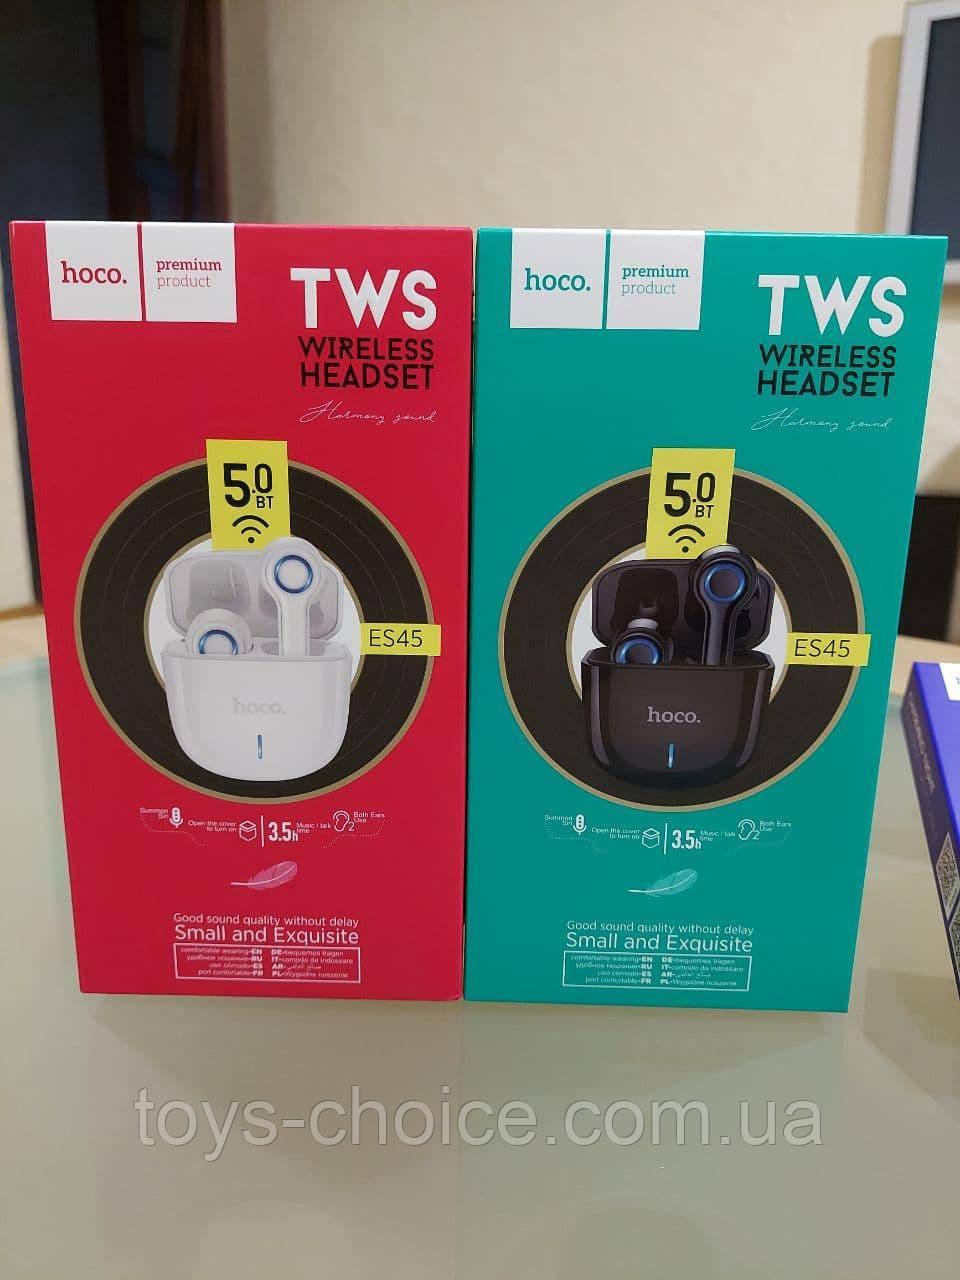 Беспроводные Bluetooth наушники Hoco ES45 Harmony sound TWS Black/White